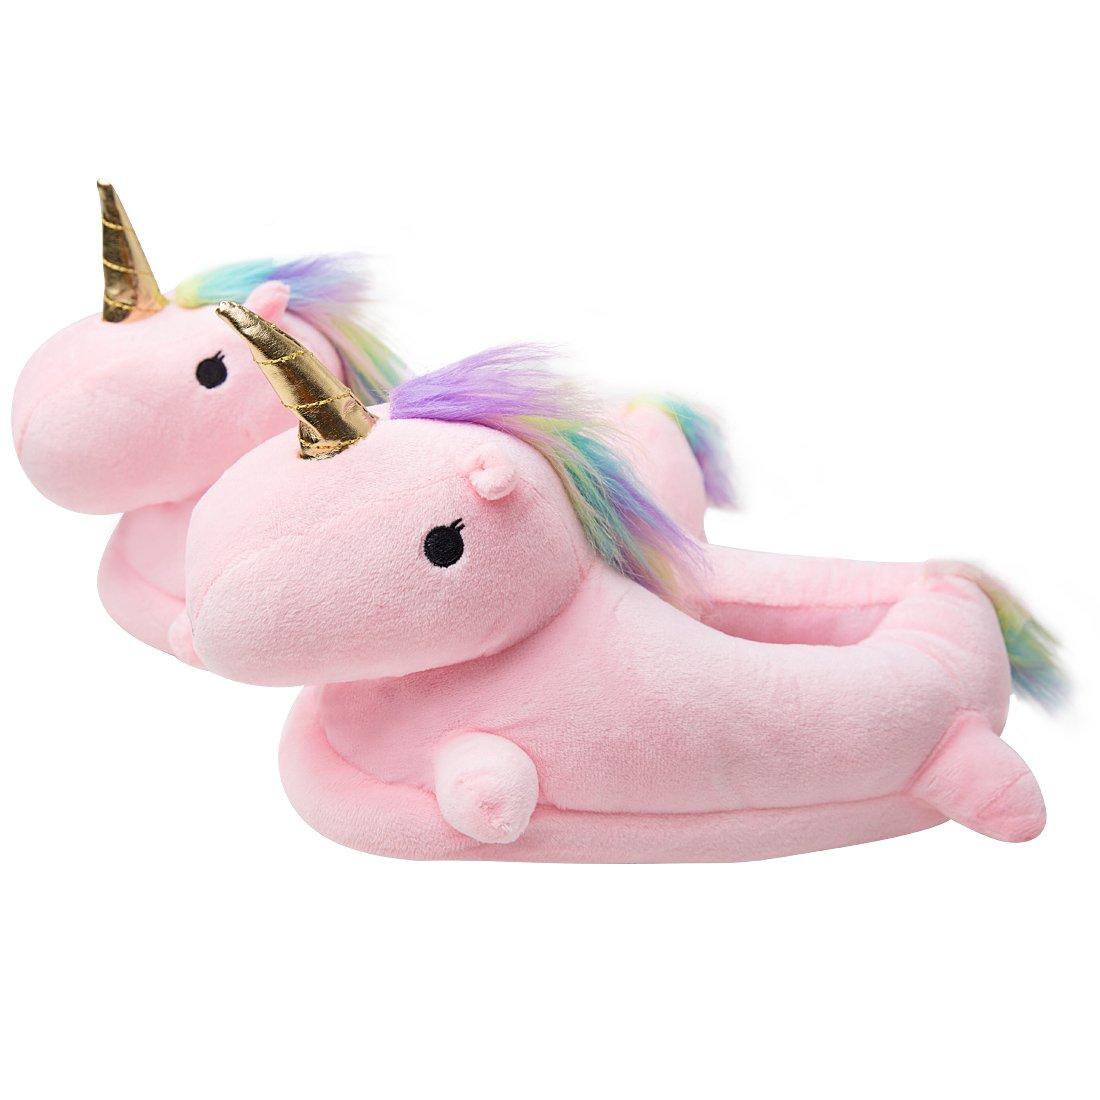 Luckly Cloud-UK Pantofole Unicorno Unisex Adulti Calde LED Pantofole di Peluche a Ciabatte Regalo di Compleanno Halloween Cosplay Taglia Europea 36-41 Rosa4 Caviglia Alta